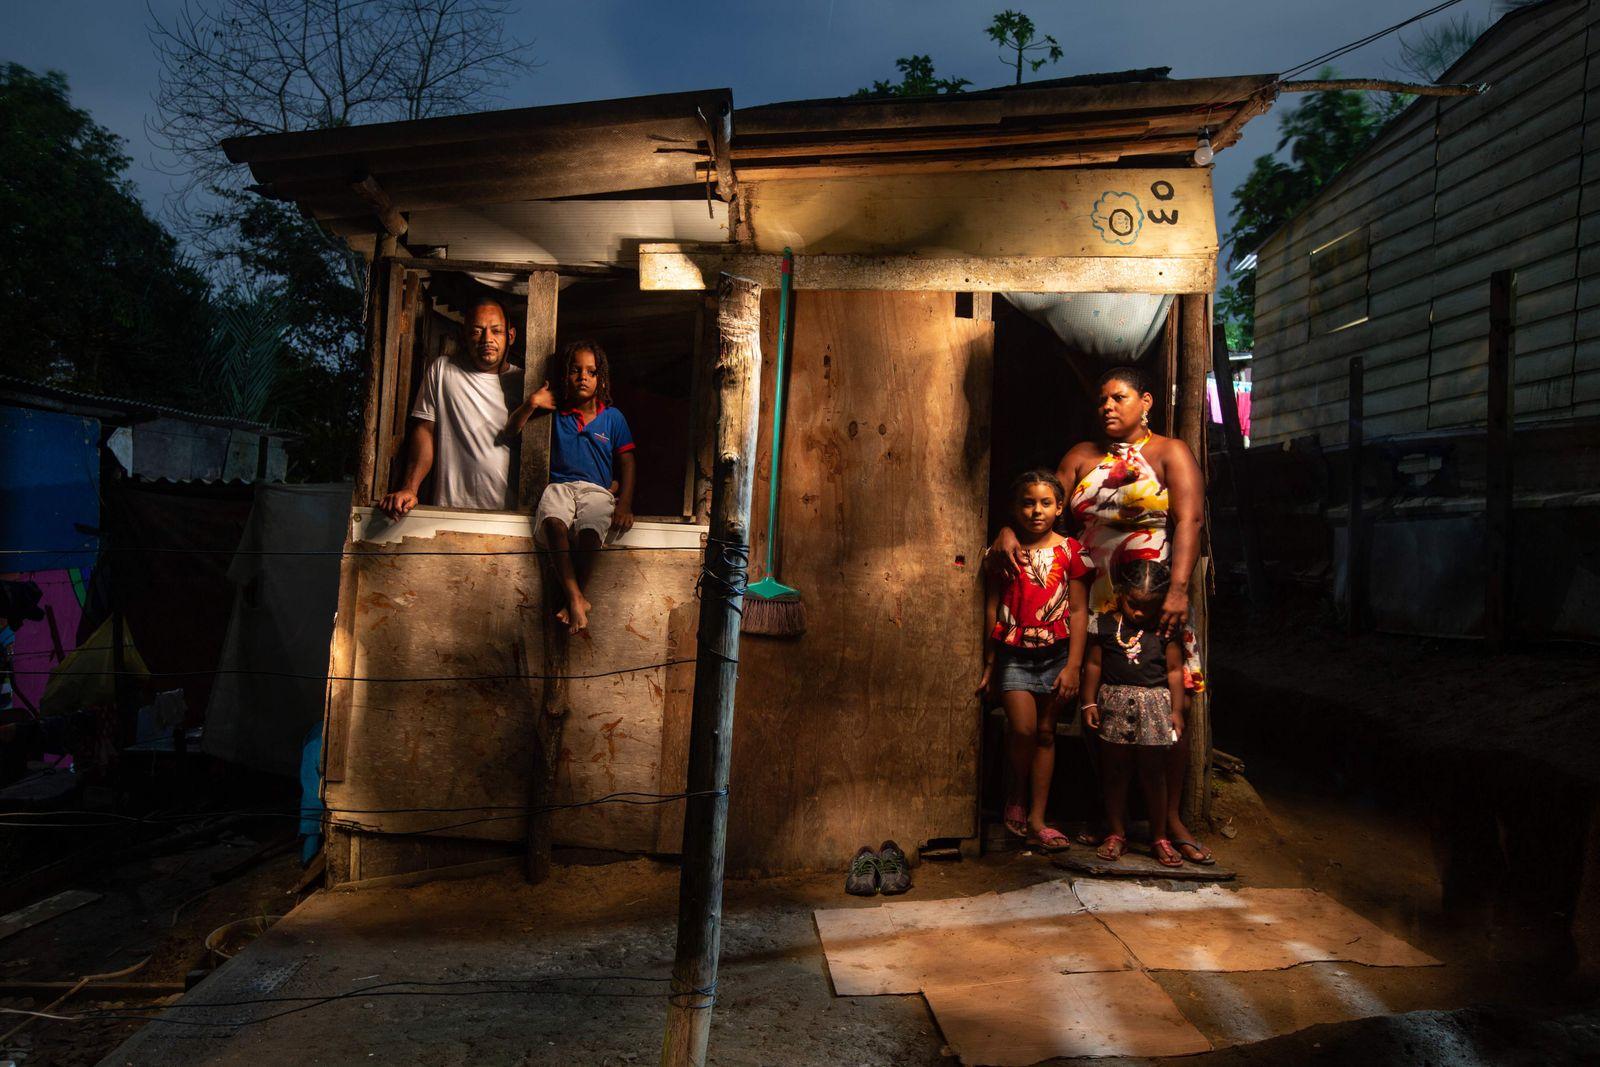 TOPSHOT-BRAZIL-ECONOMY-SOCIETY-HEALTH-VIRUS